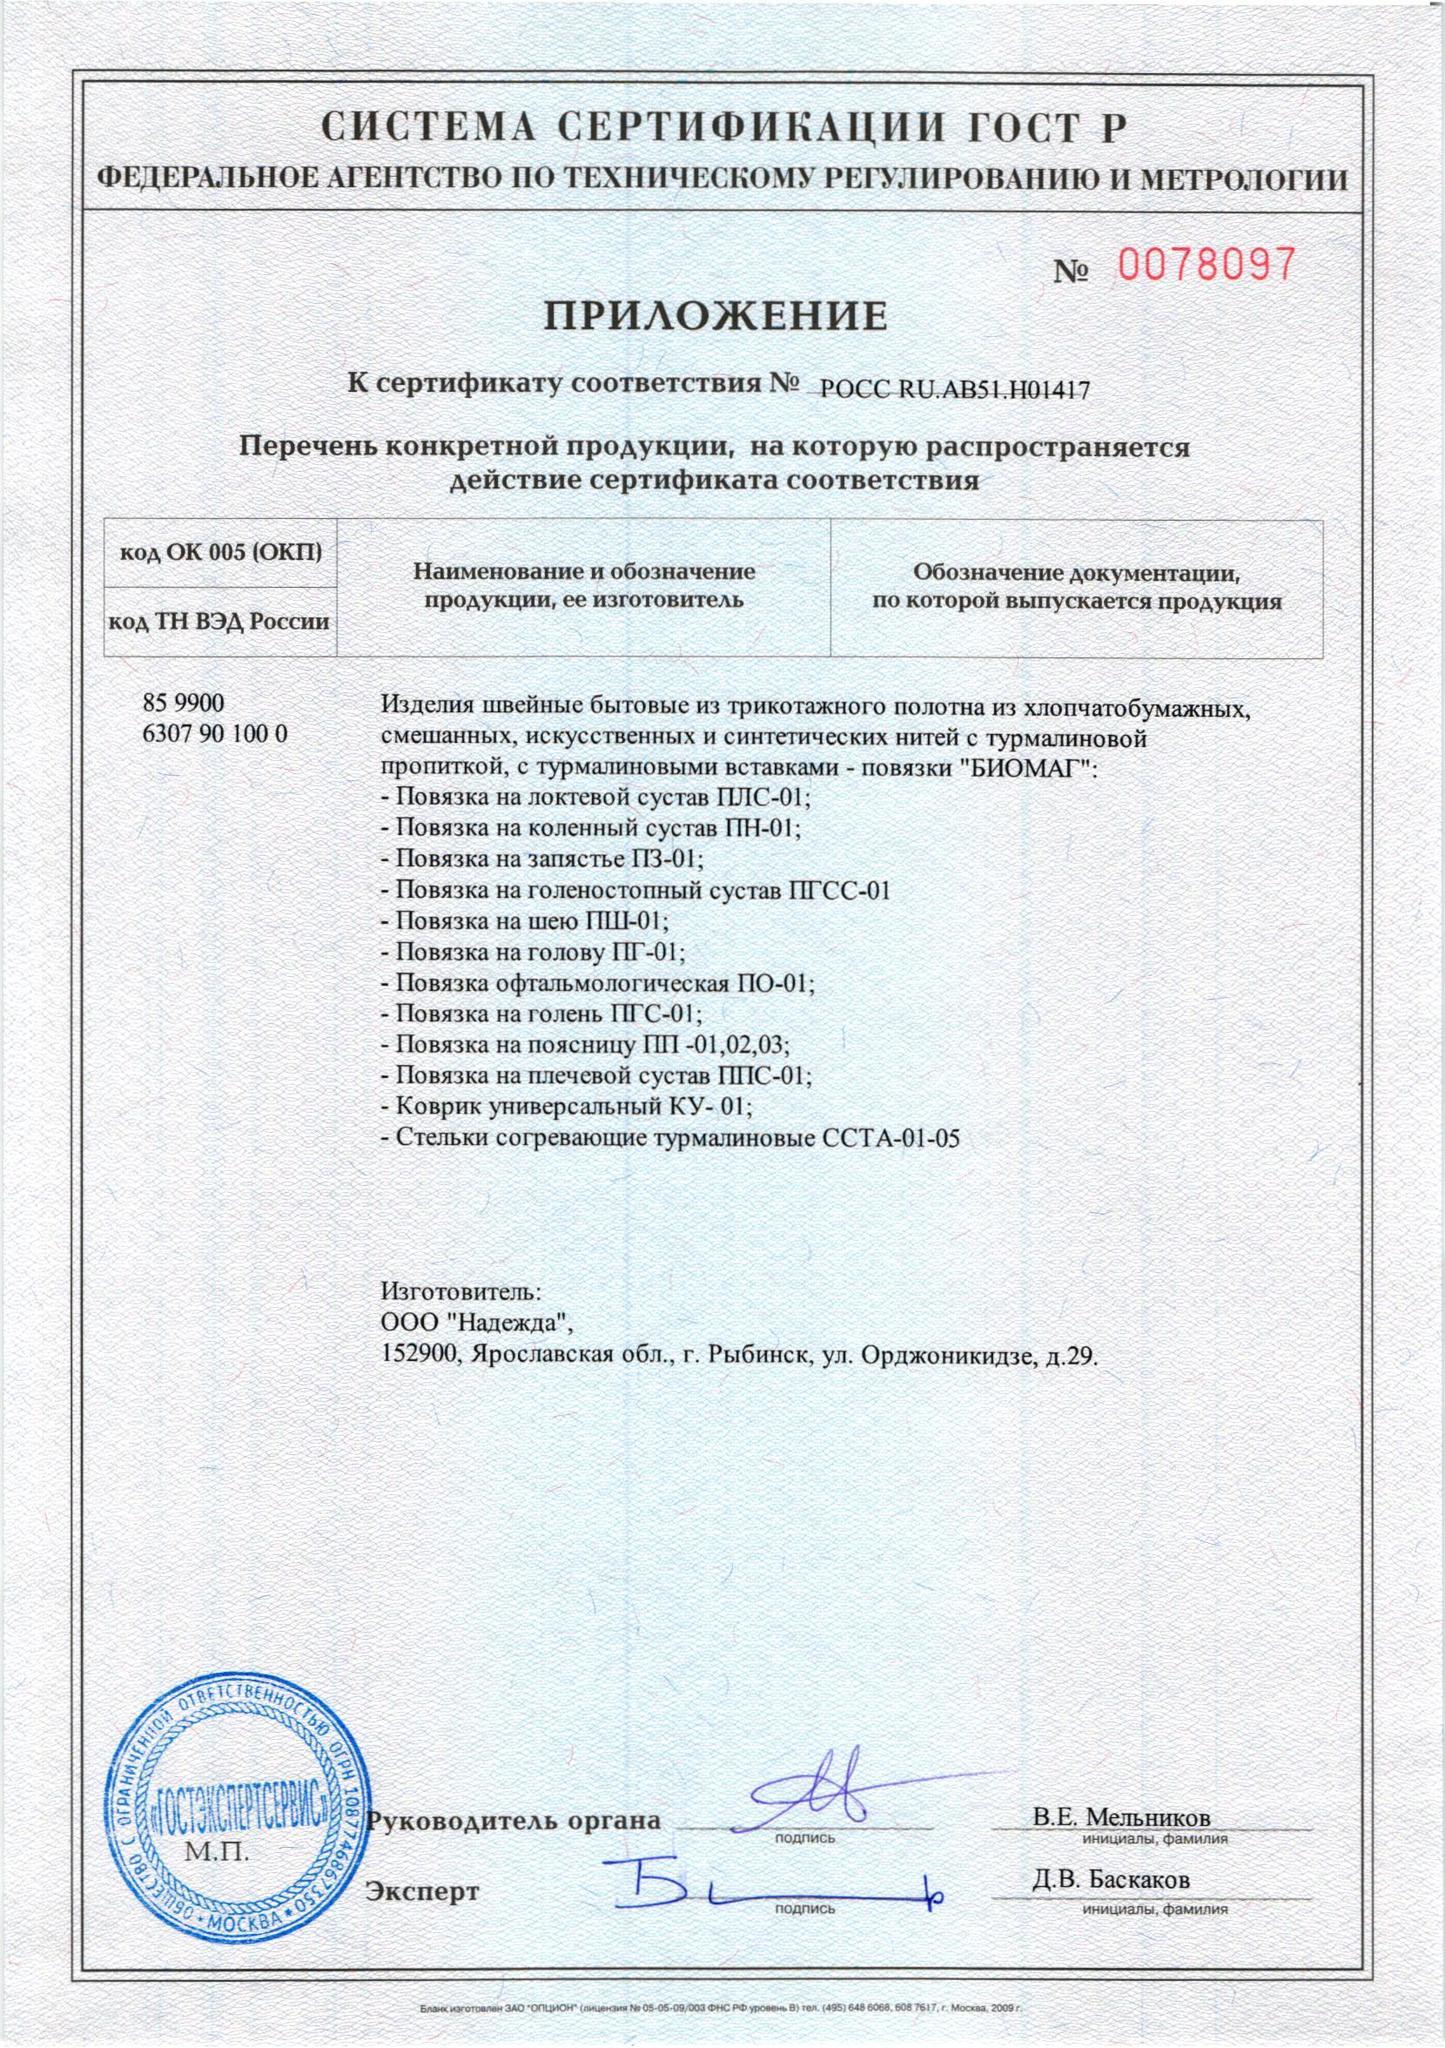 Бинт магнитоэластичный «Биомаг», 1 шт